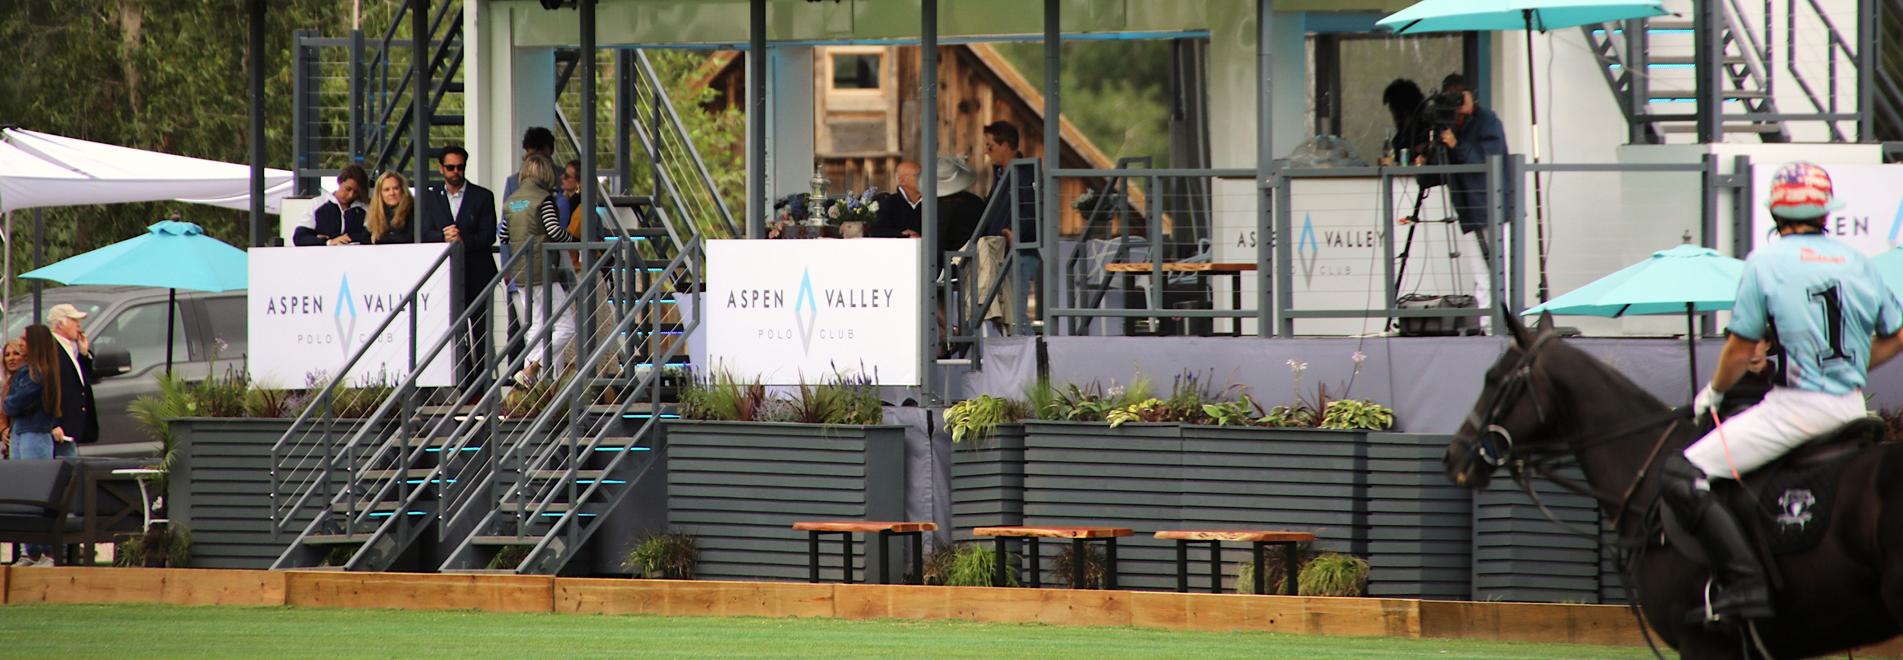 Aspen Valley Polo Club